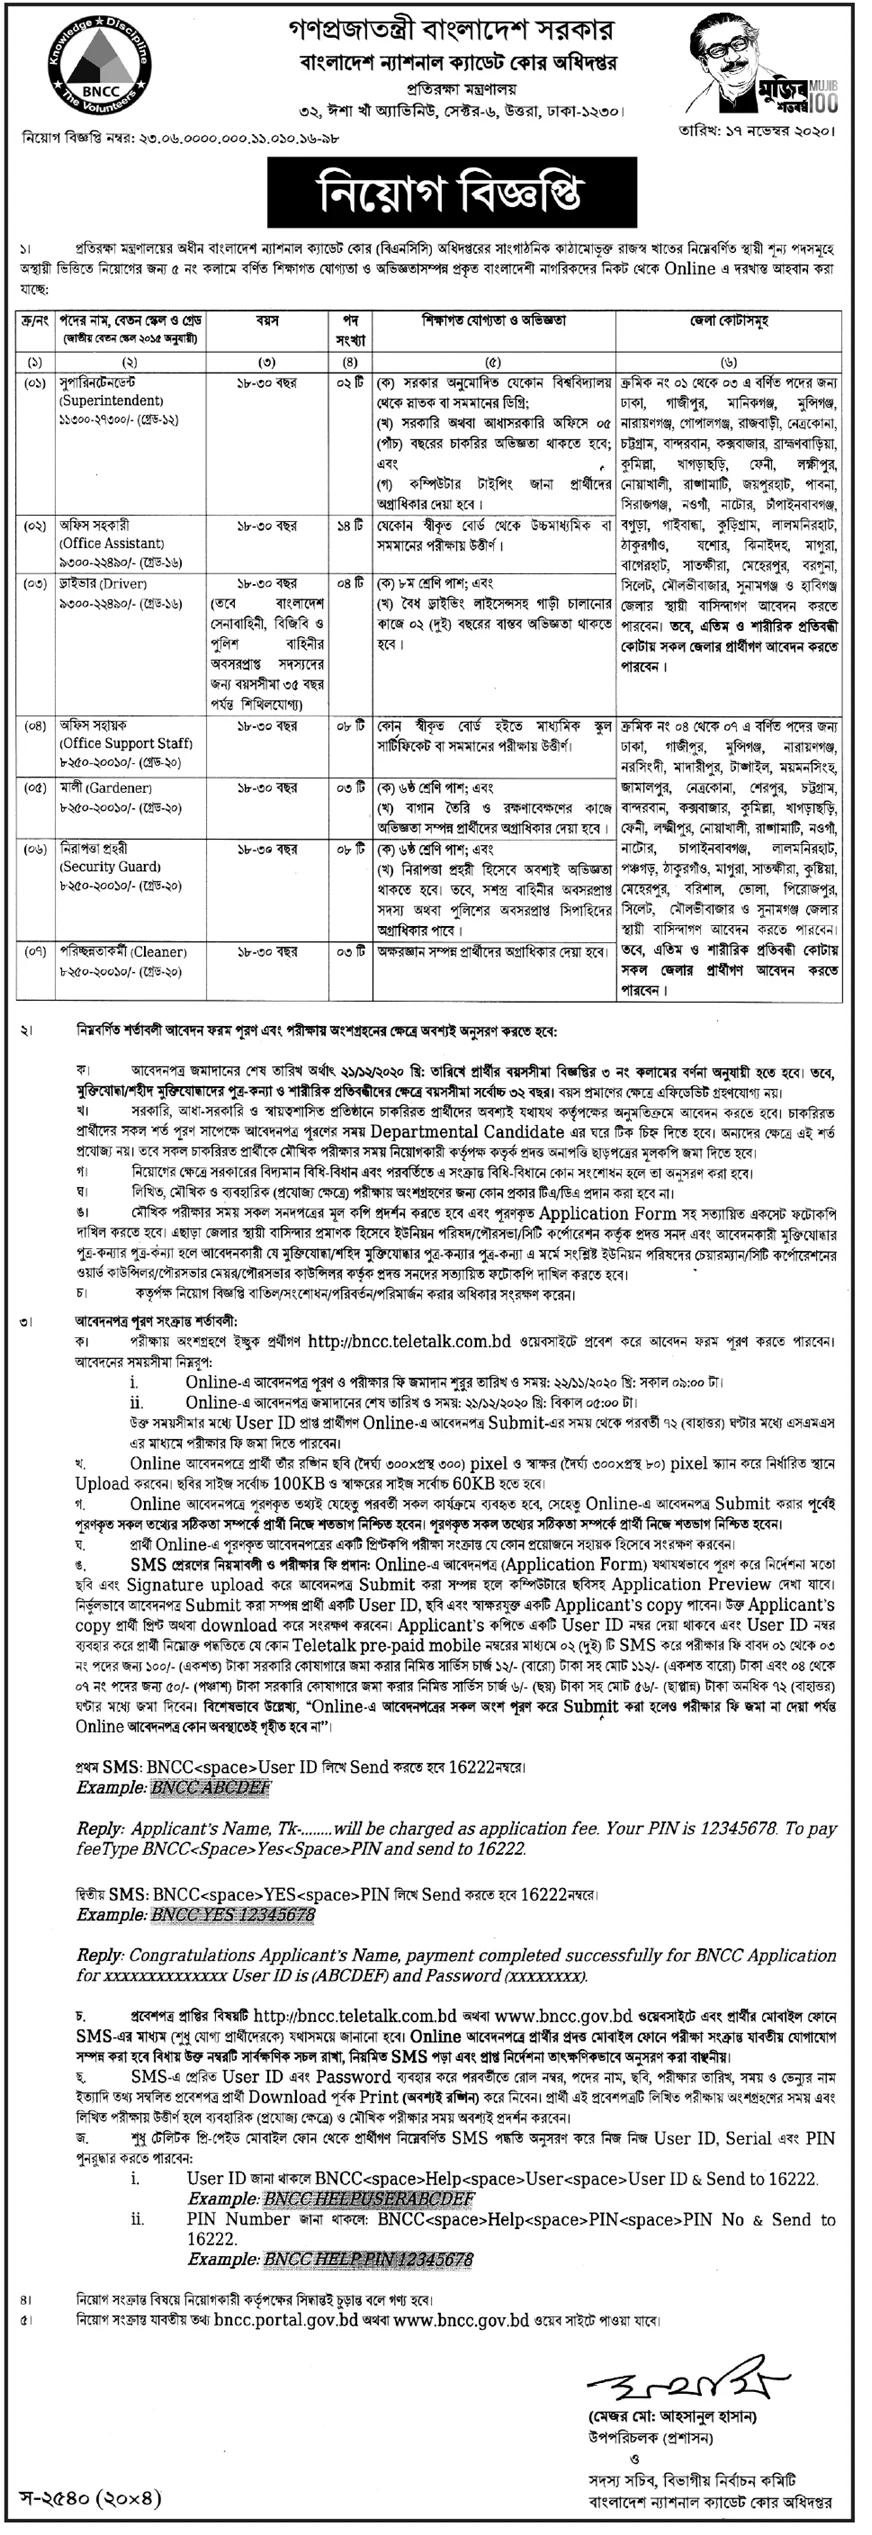 National Cadet Corps Directorate Job Circular 2020